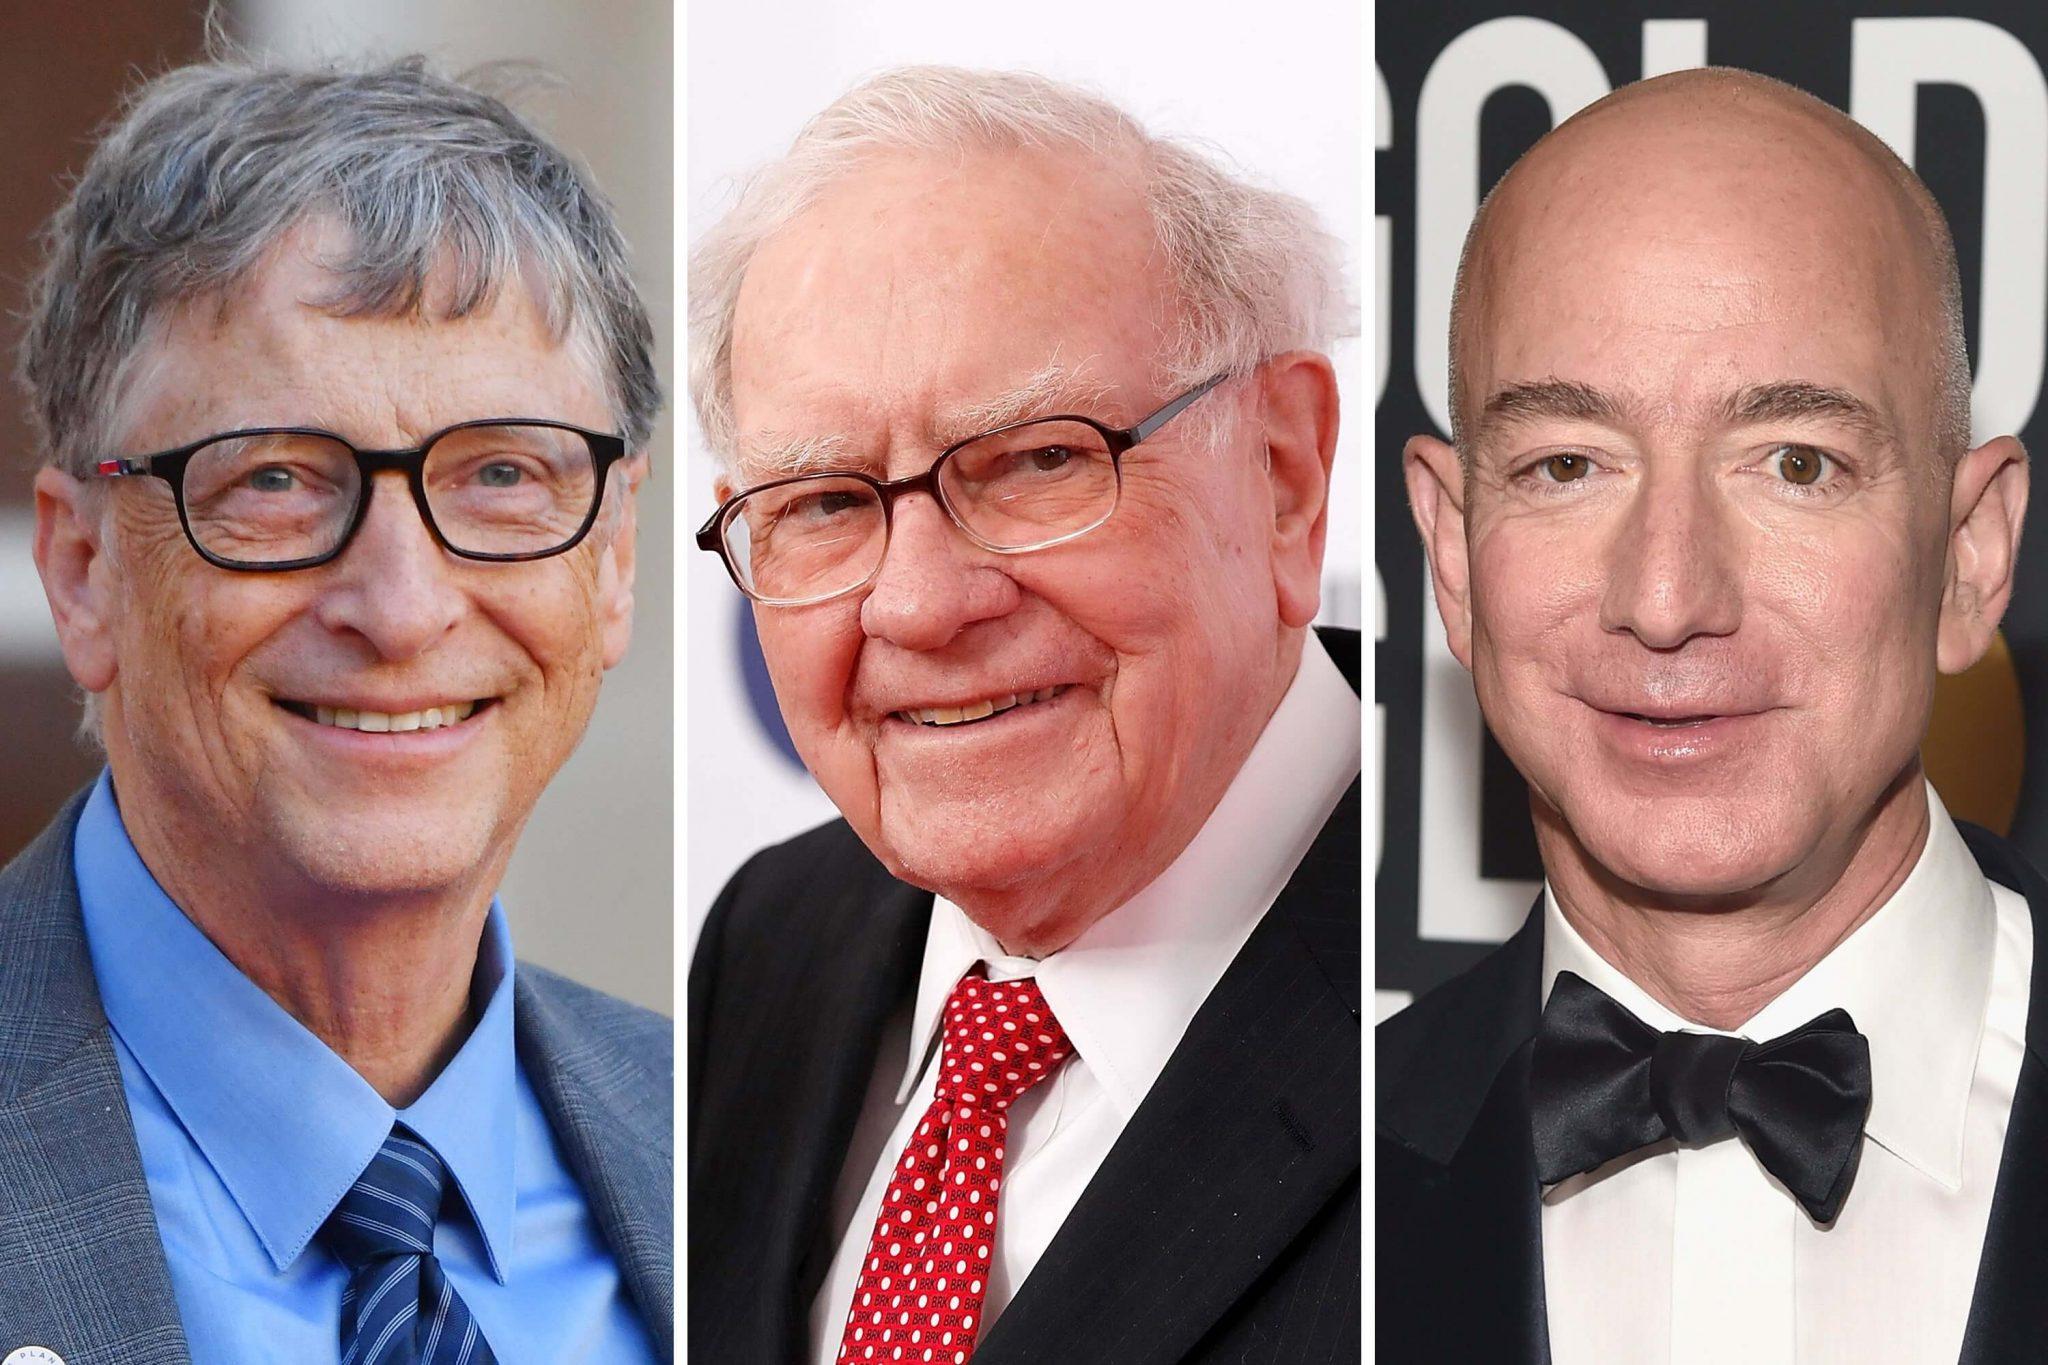 COVID продвигает новый мировой порядок - Империя миллиардеров